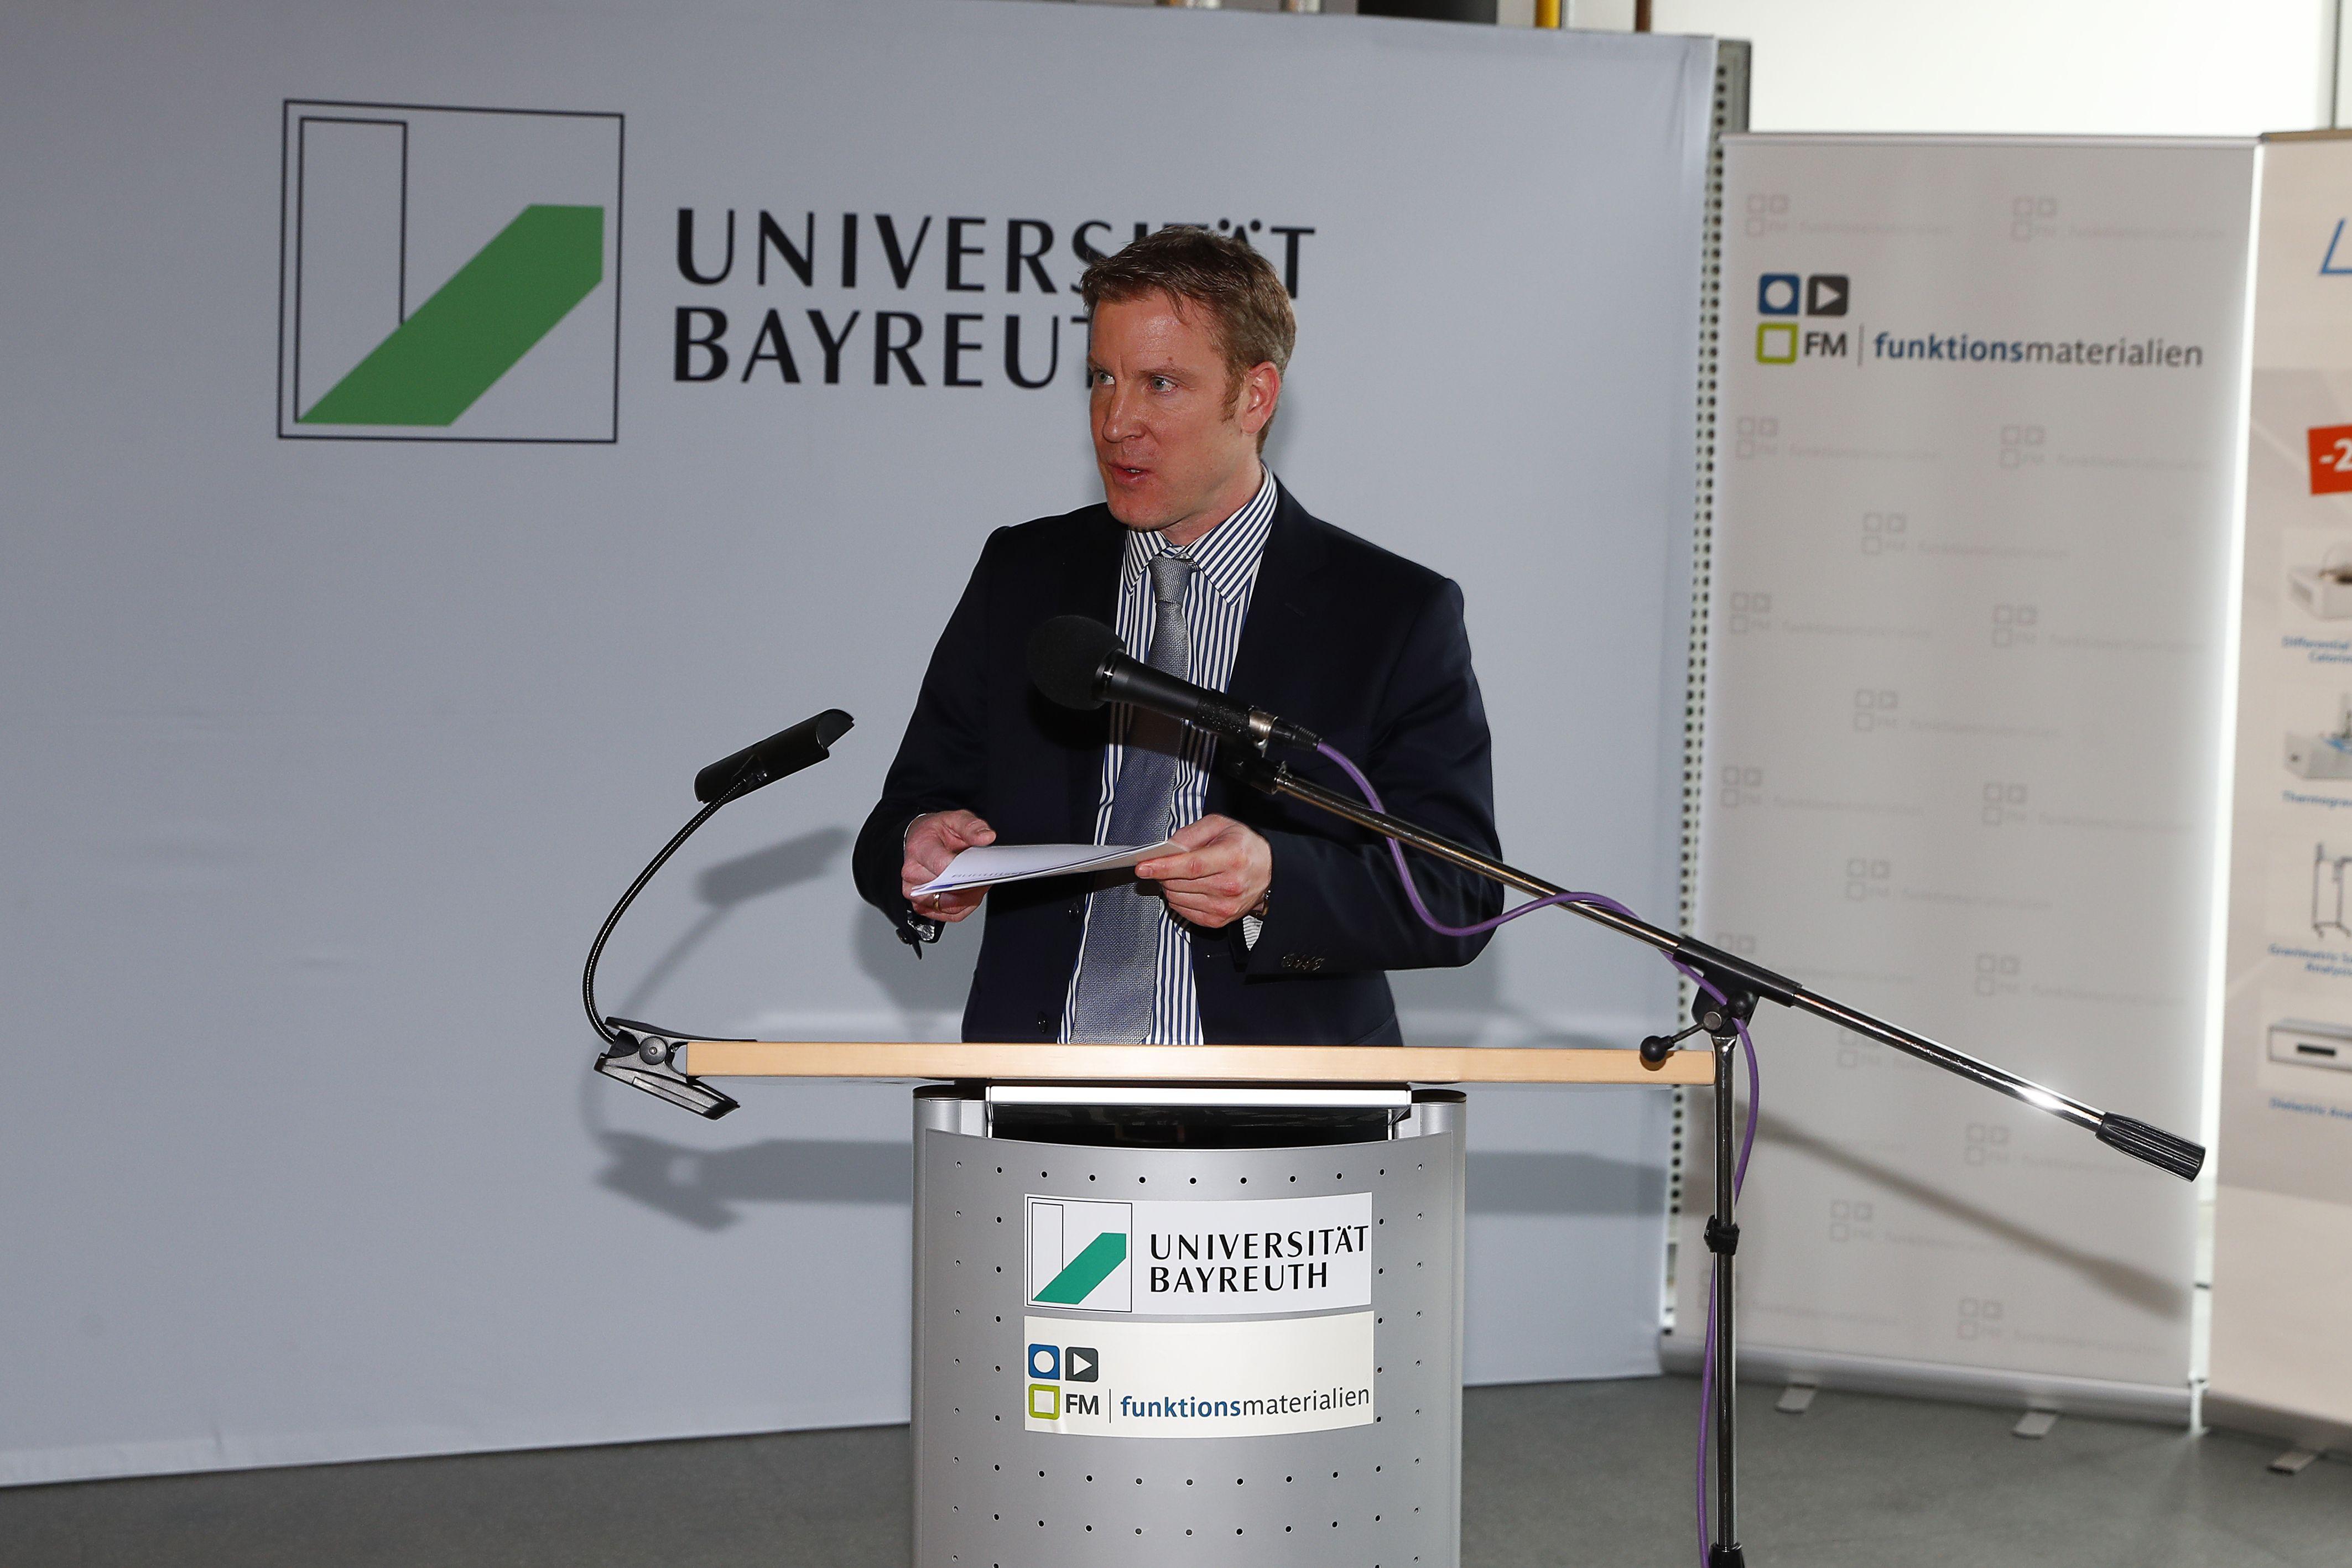 Florian Linseis am Rednerpult der Universität Bayreuth